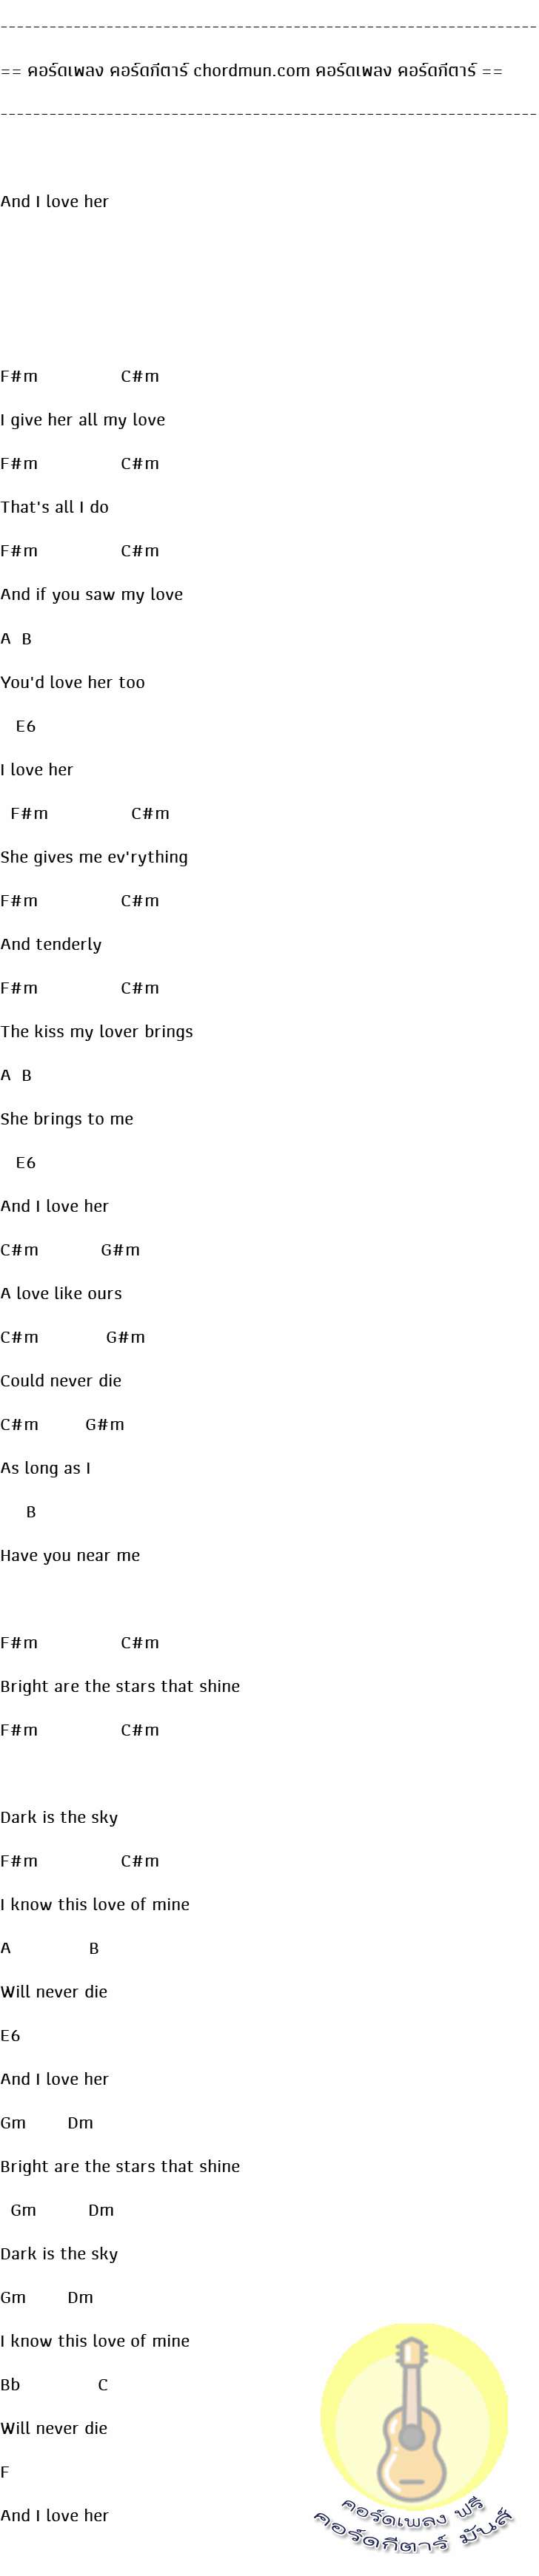 คอร์ดกีตาร์พื้นฐาน  เพลง And I love her